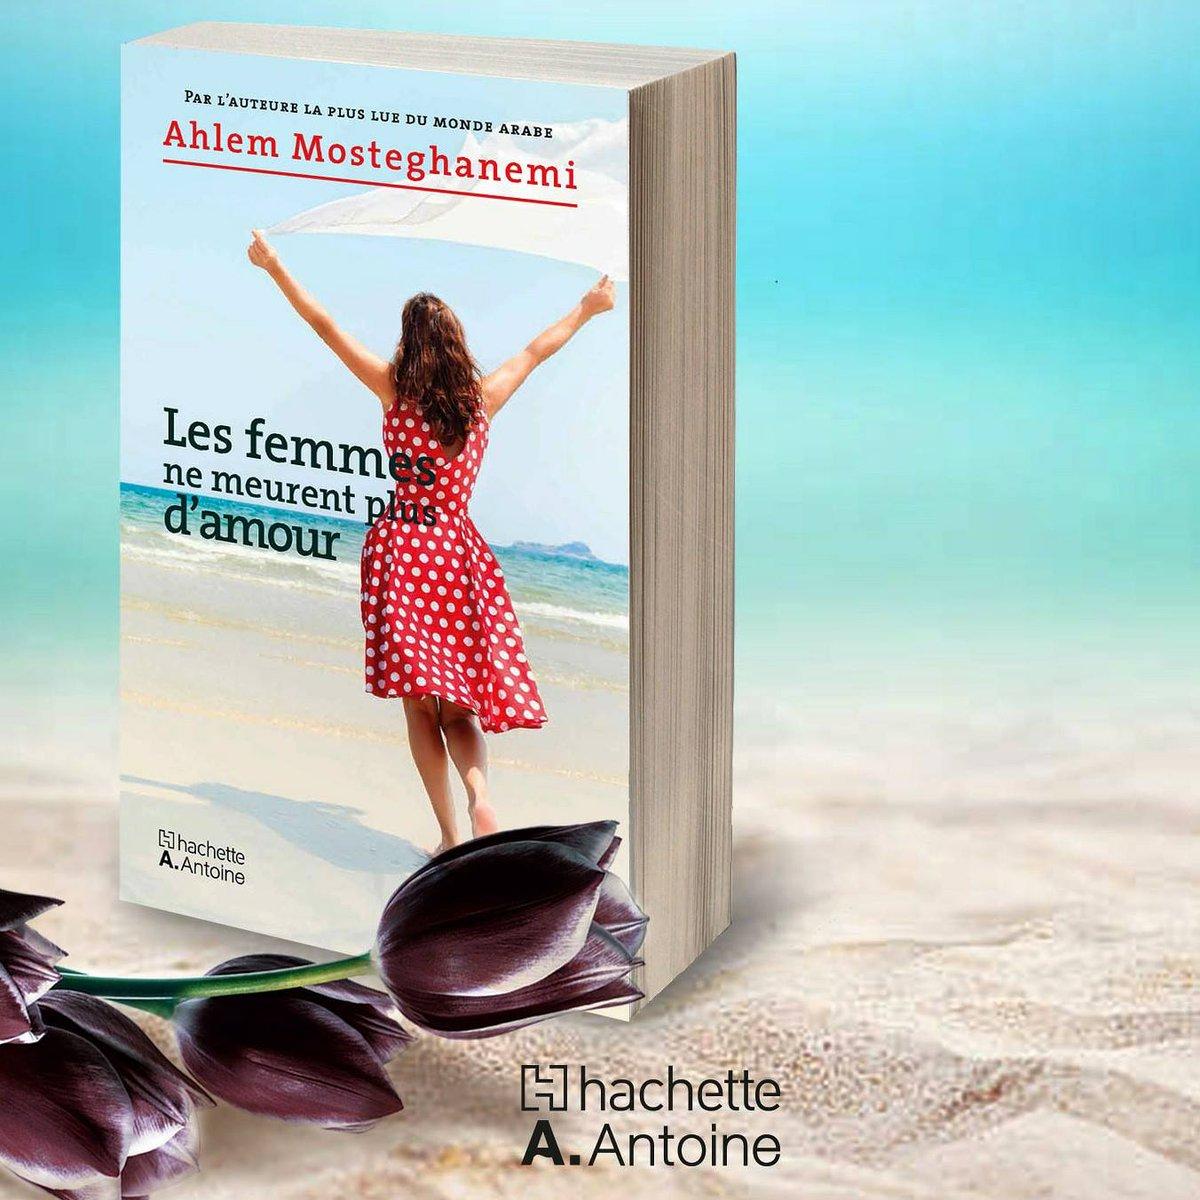 ما عادت النساء تمتن عشقا الترجمة الفرنسية لرواية الأسود يليق بك